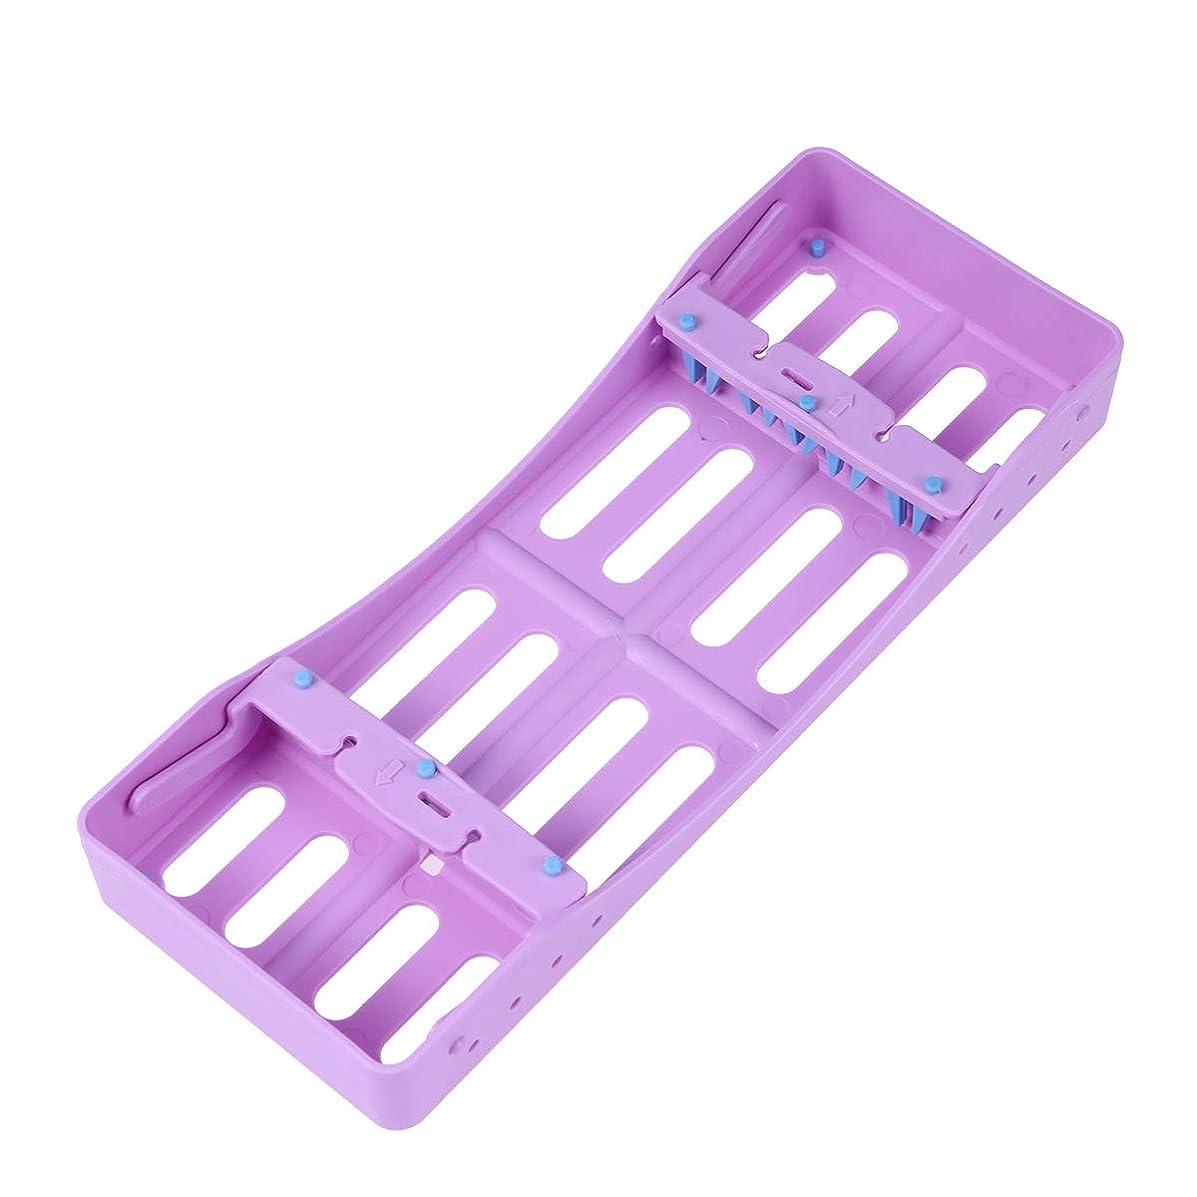 役員スプレー質素なSUPVOX 歯科用滅菌ボックスラック外科用滅菌ボックス消毒カセットトレイ用5ツール収納